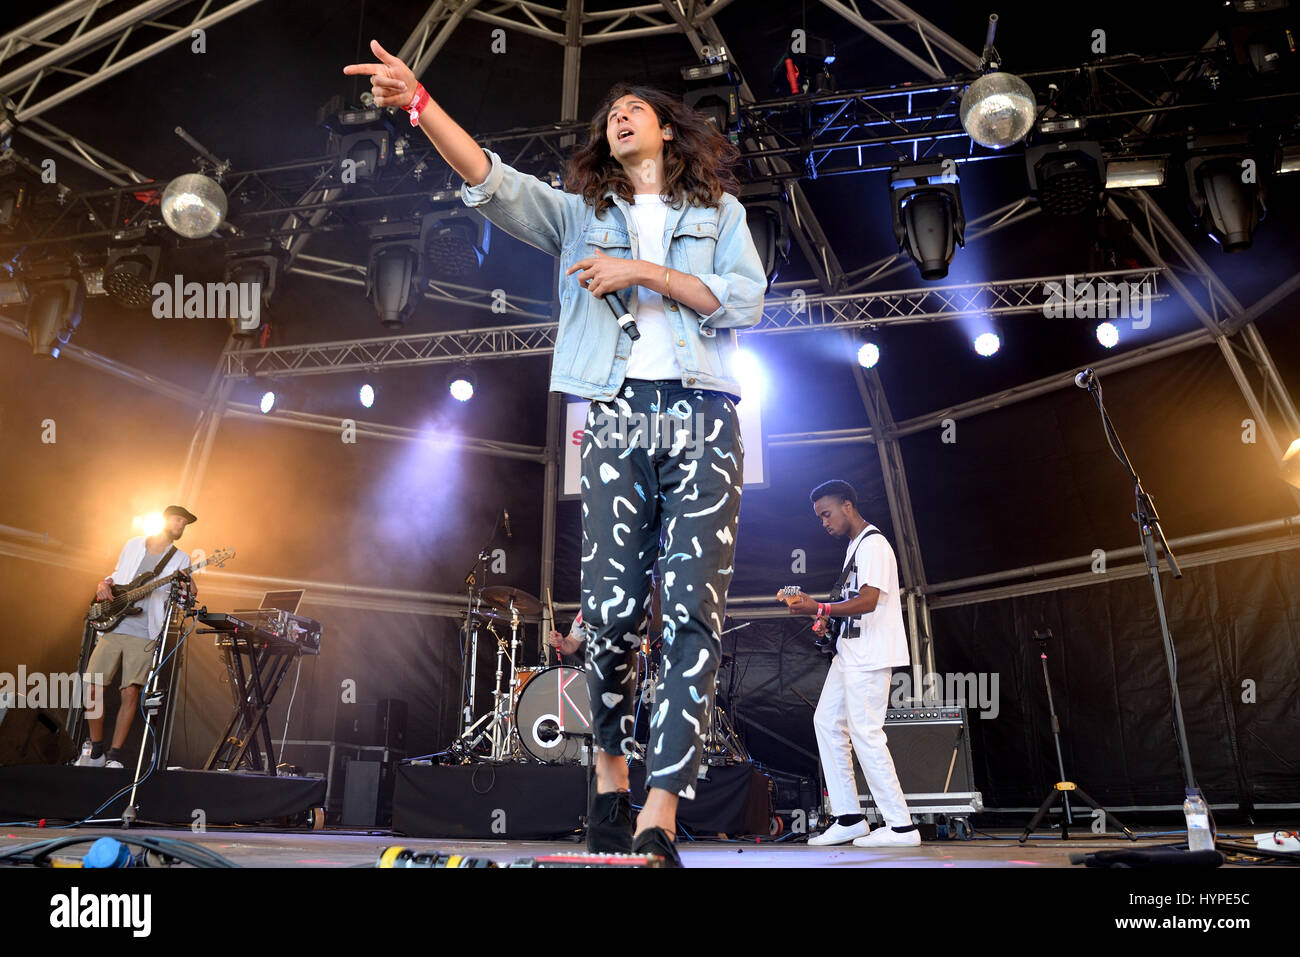 Barcellona - Jun 18: gentilezza (banda) in concerto al Sonar Festival il 18 giugno 2015 a Barcellona, Spagna. Immagini Stock